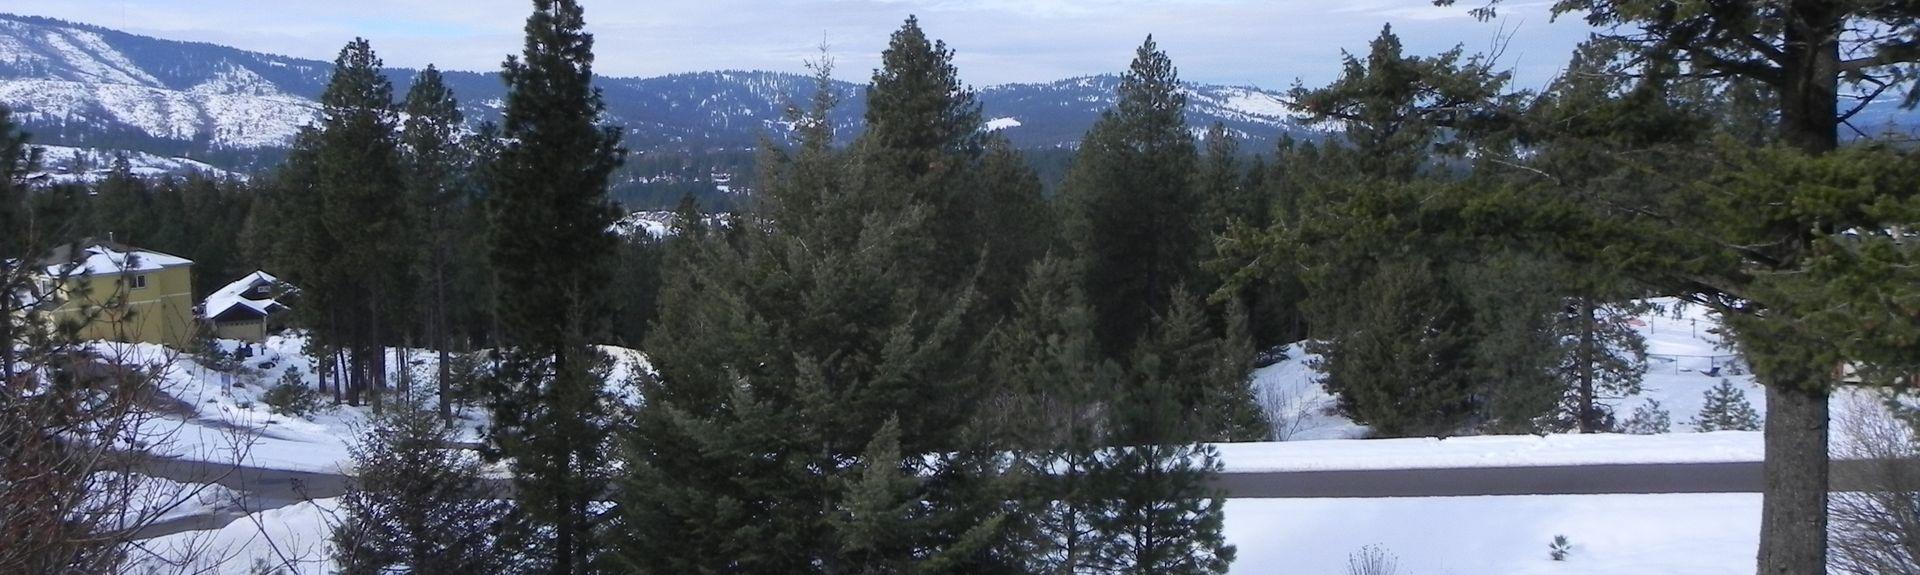 John A. Finch Arboretum, Spokane, WA, USA